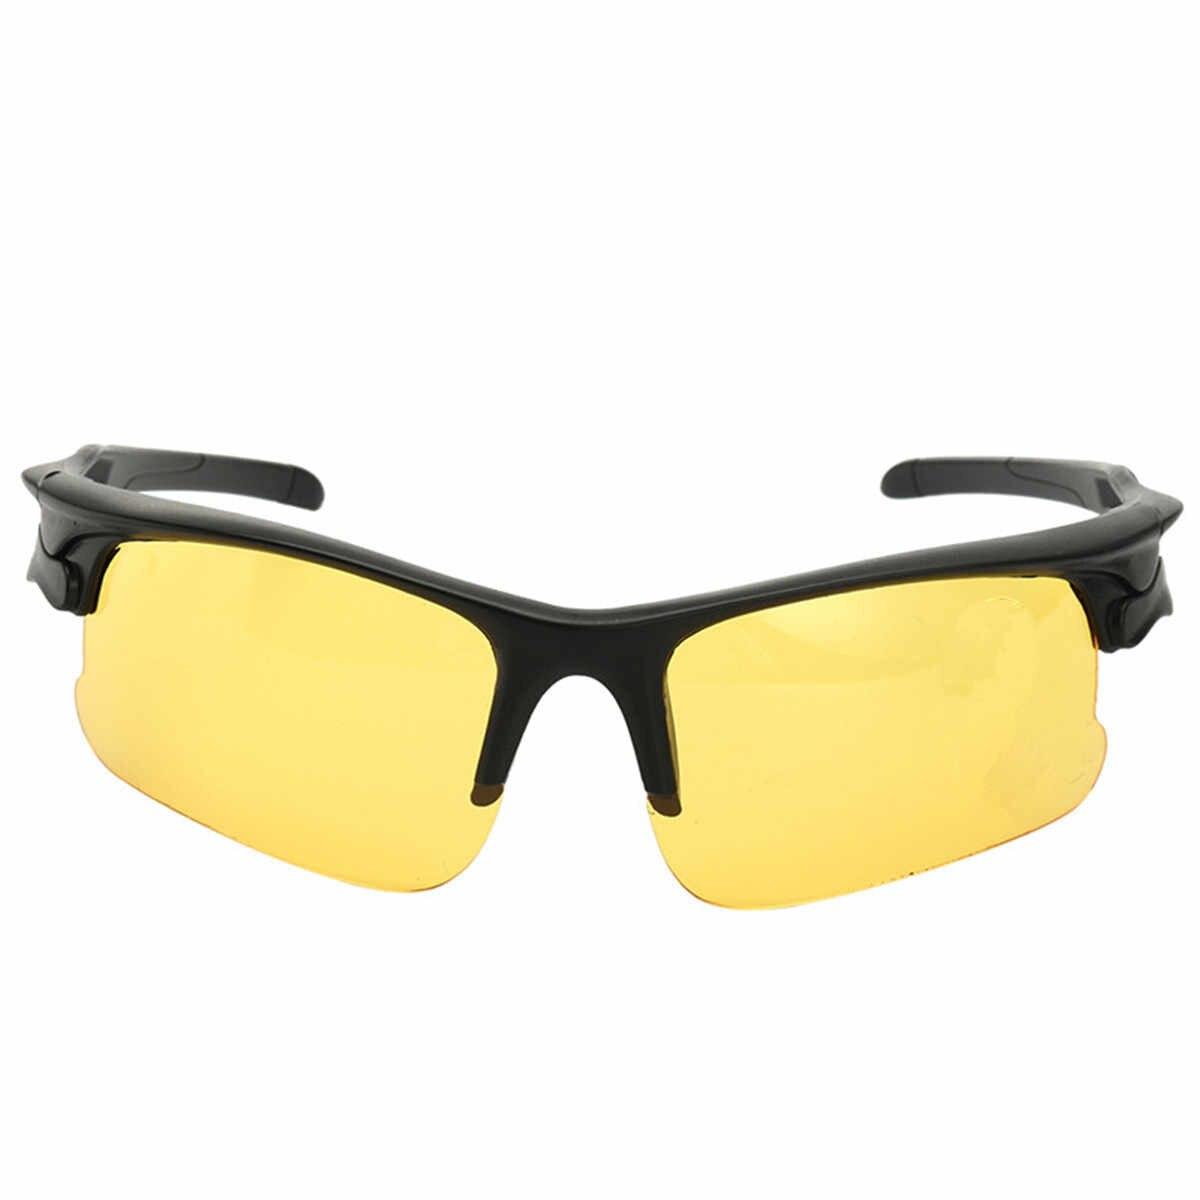 男性メガネアンチグレア黄色サングラス眼鏡メタル夜のゴーグル保護偏光メガネ車の運転